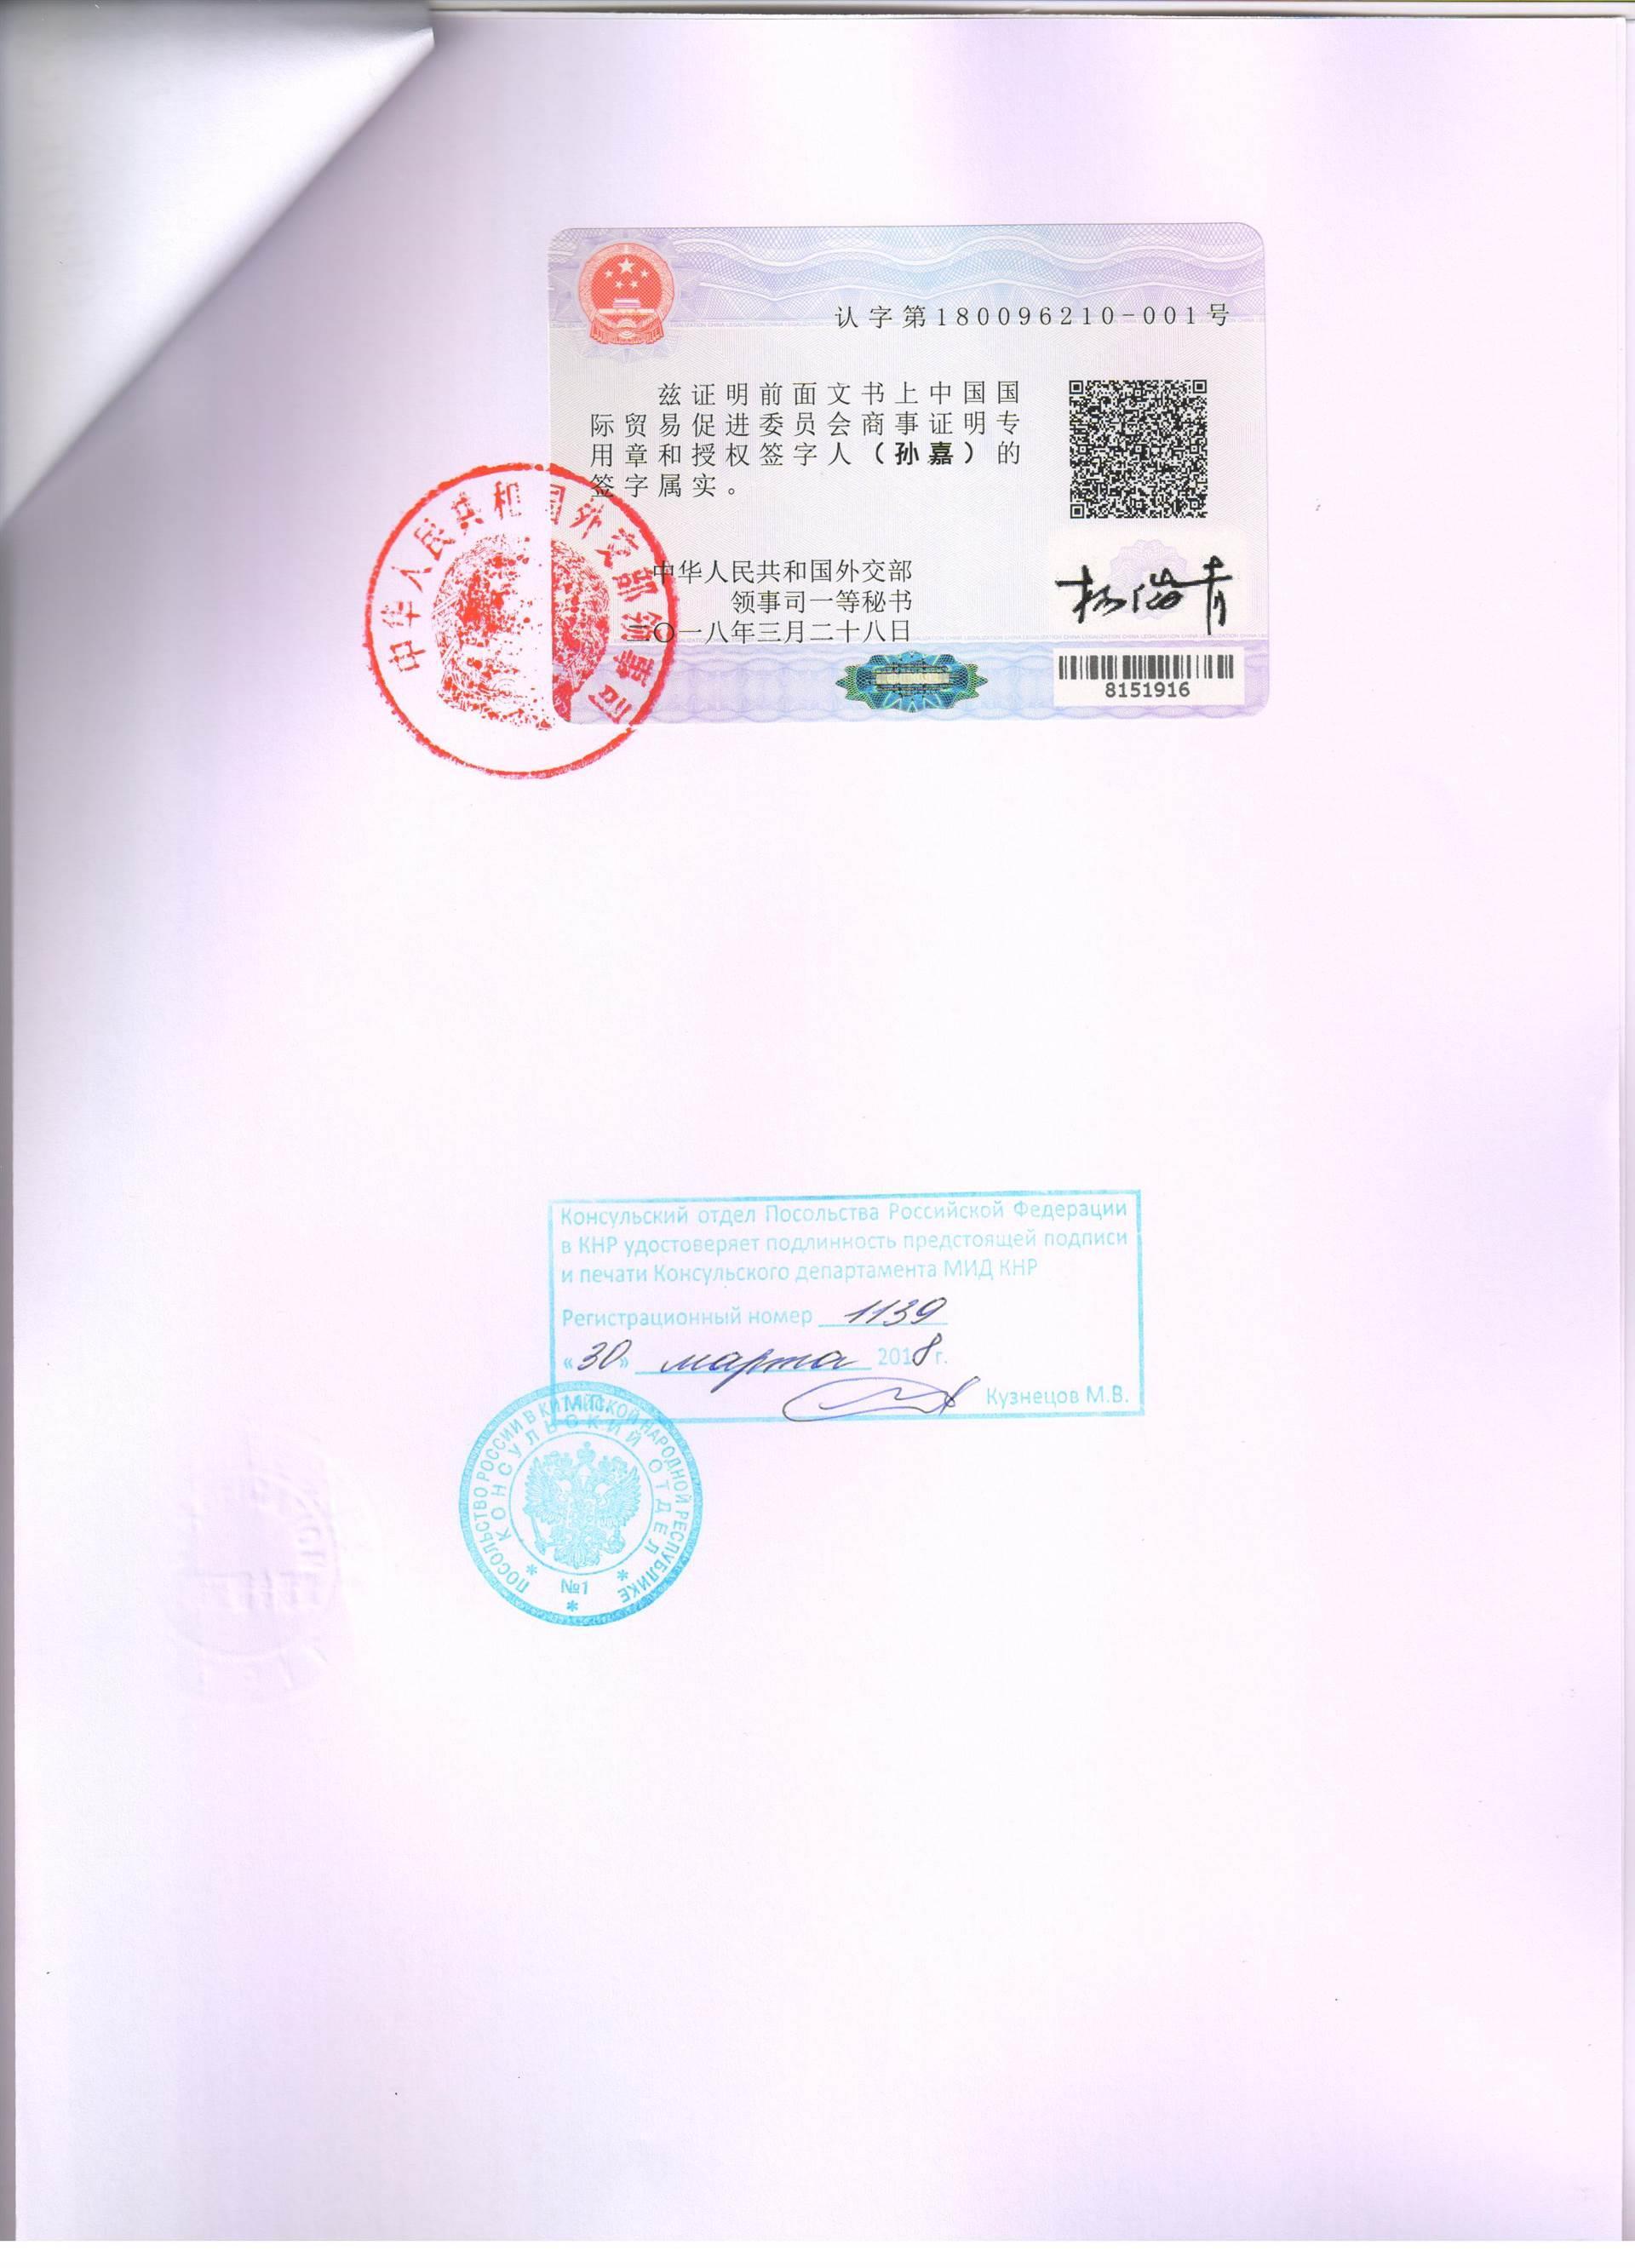 授权书俄罗斯使馆认证流程简便